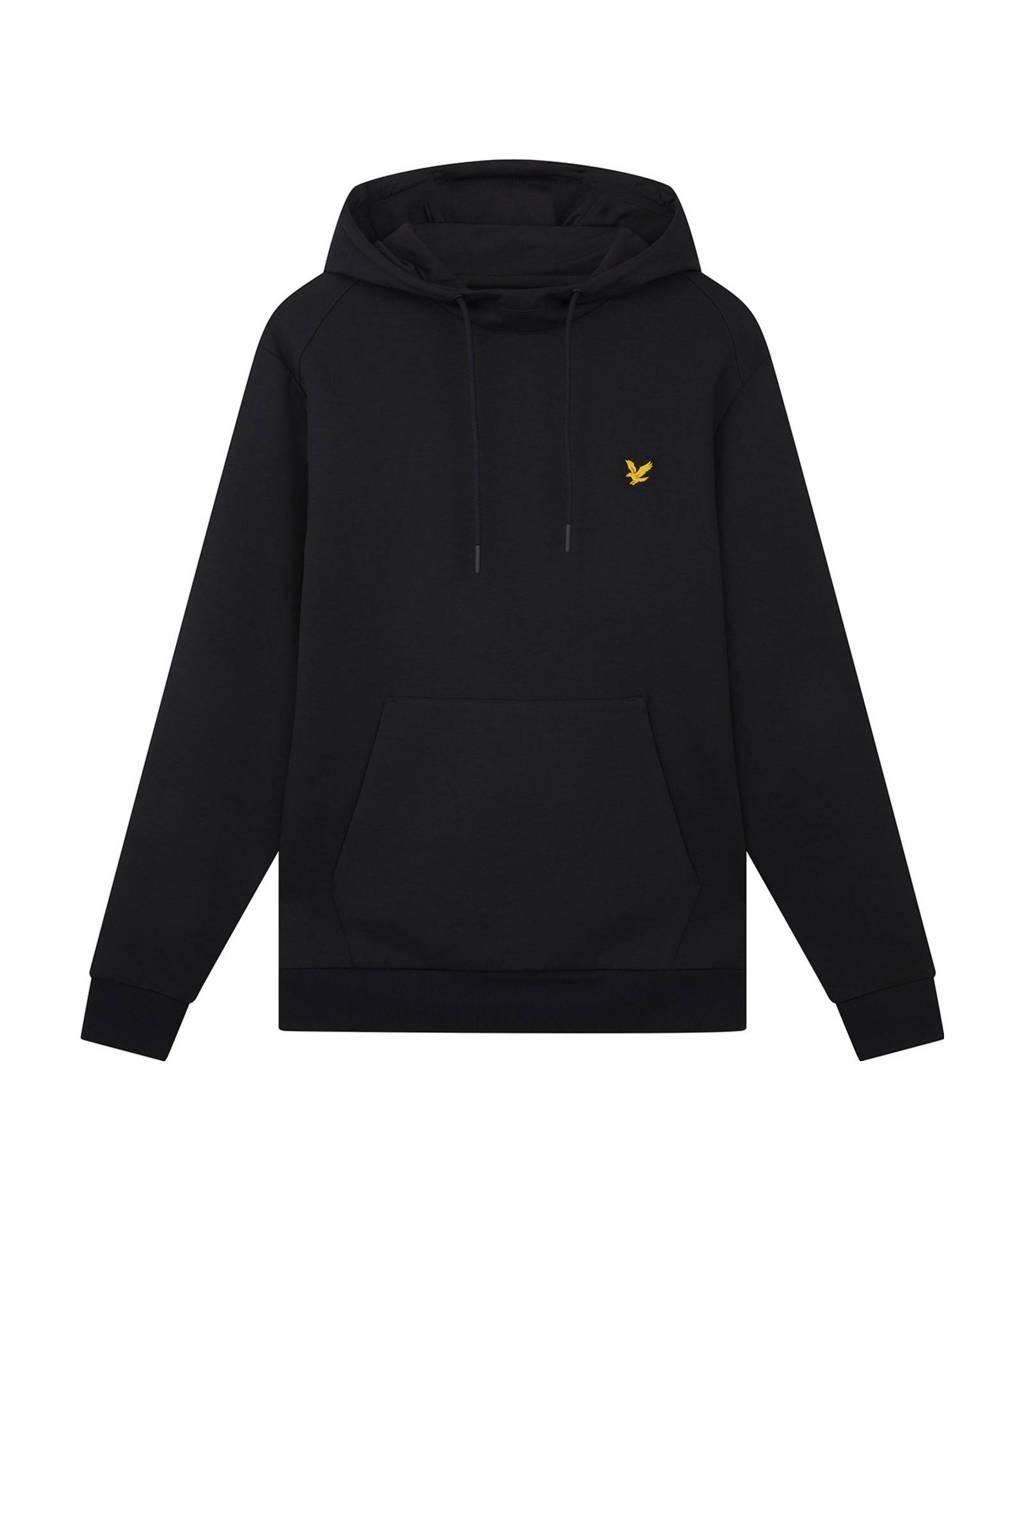 Lyle & Scott hoodie zwart, Zwart